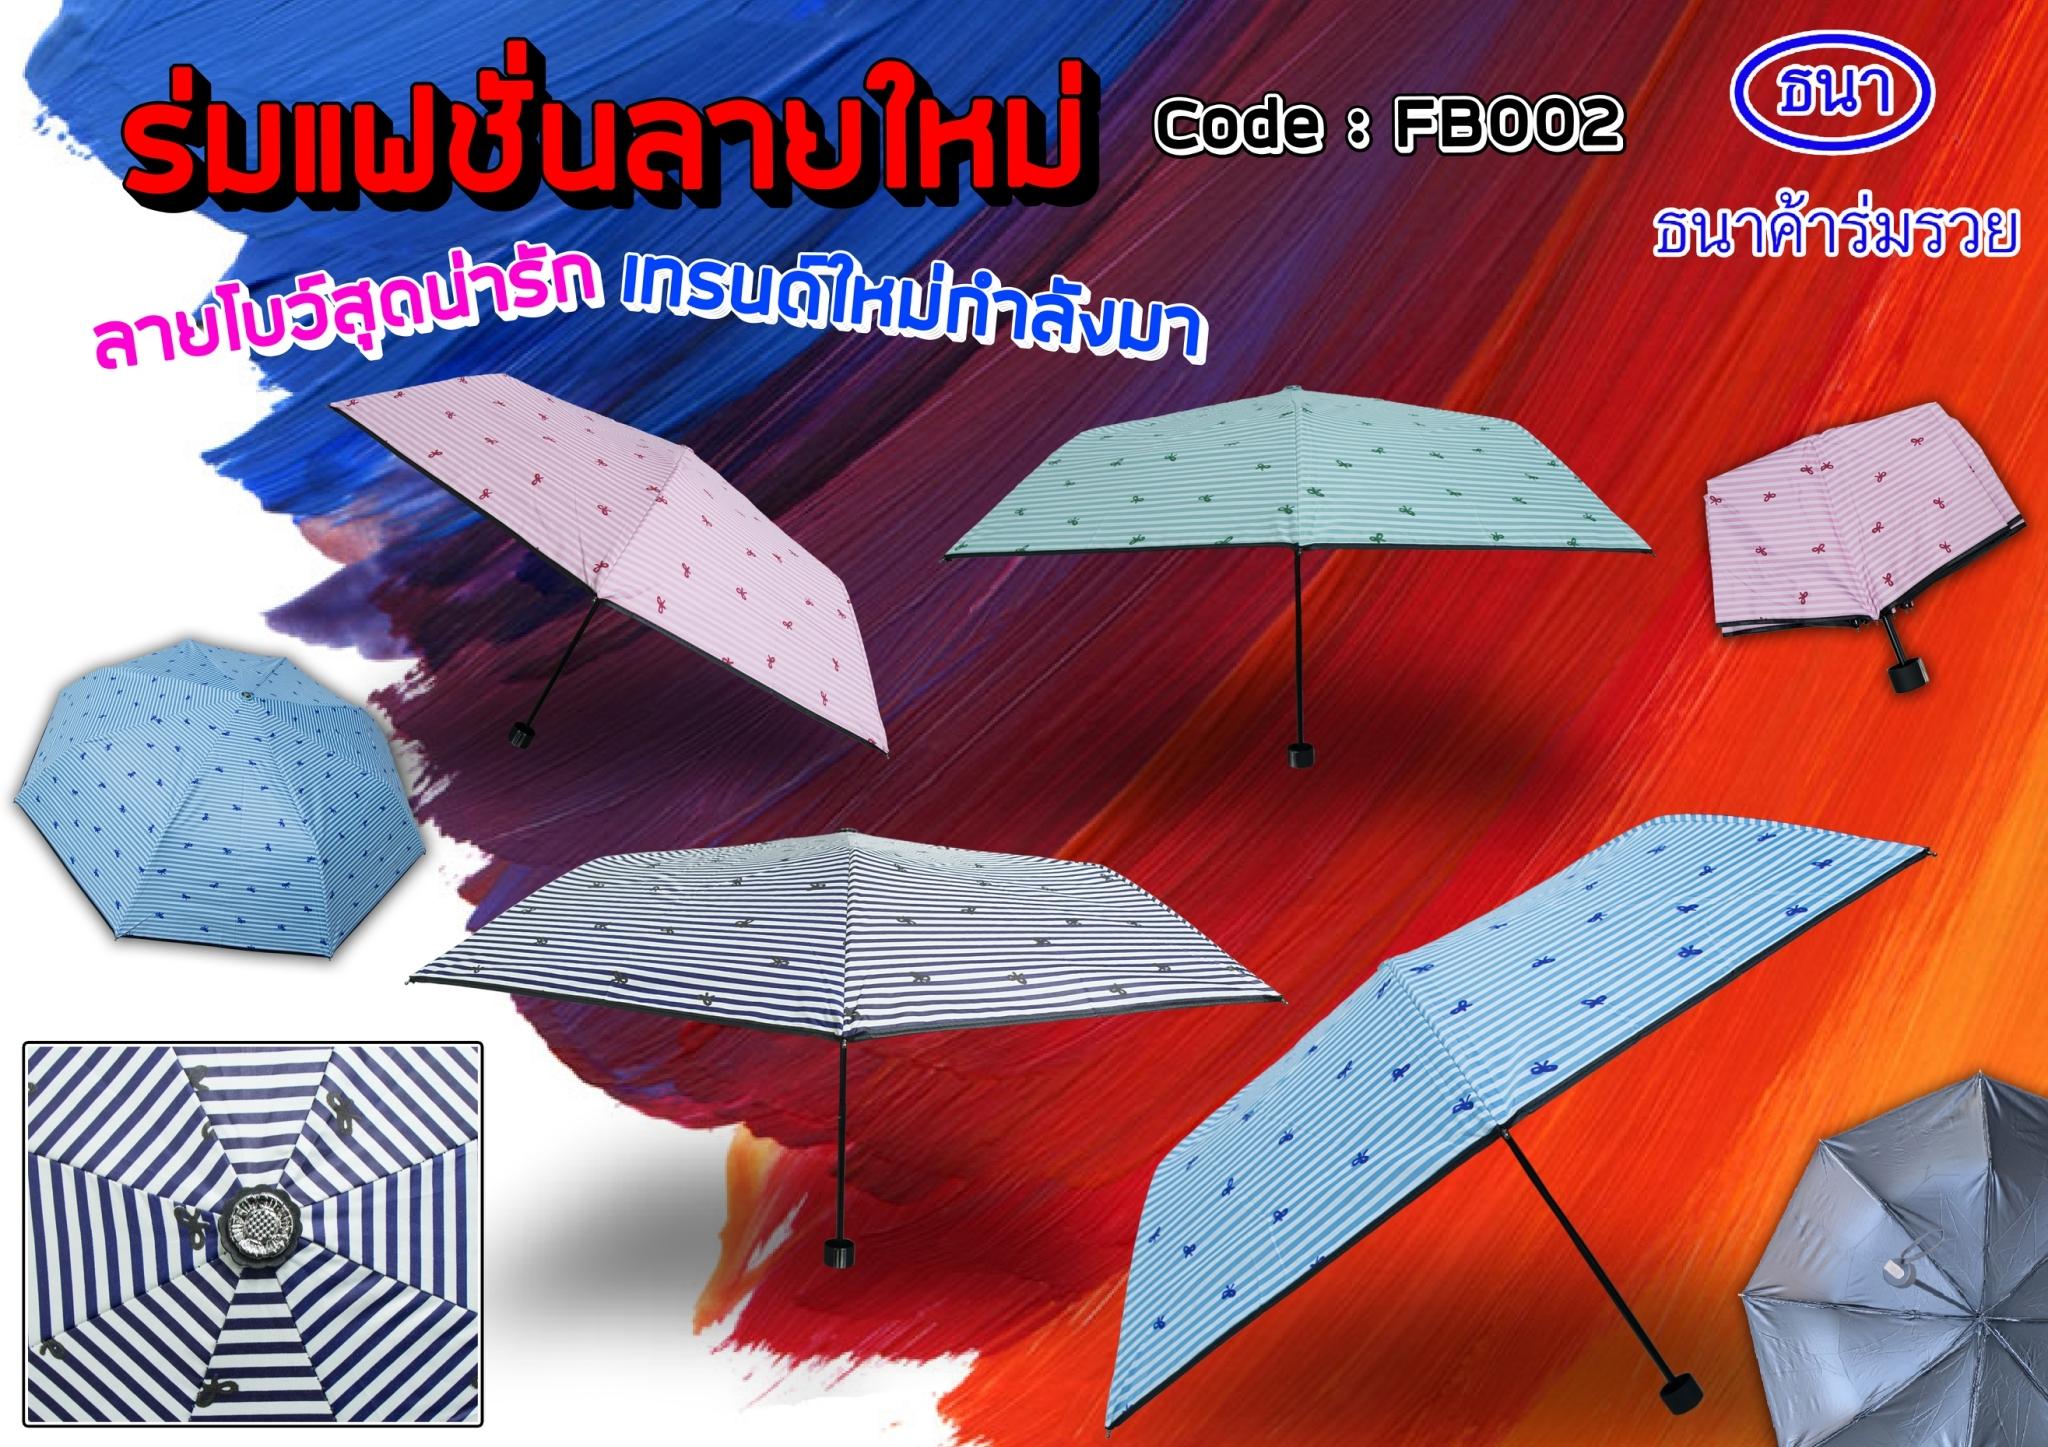 ร่มพับแฟชั่นลายโบว์ FB 002 เลือกสีได้